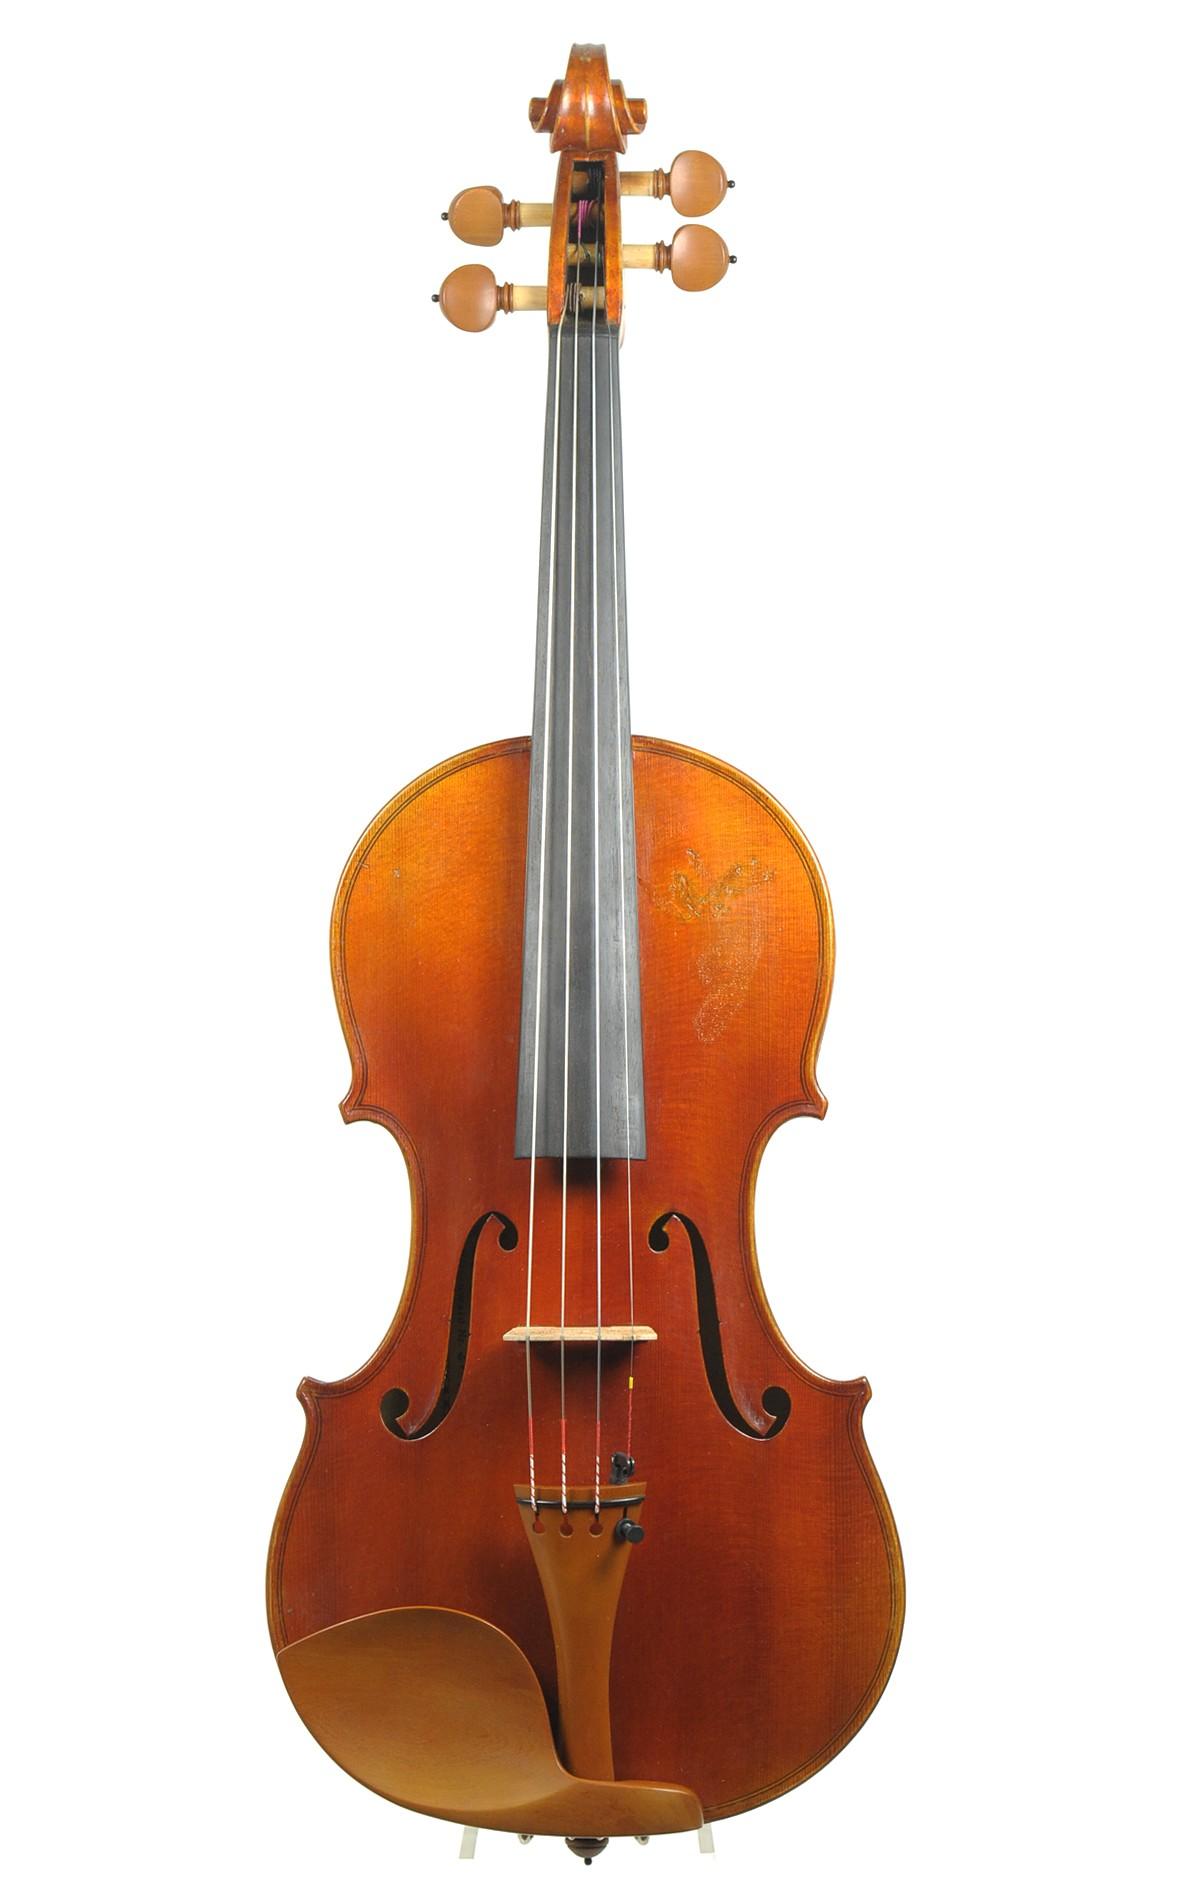 Mittenwald violin after Guarneri, Hans Fürst, no. 200